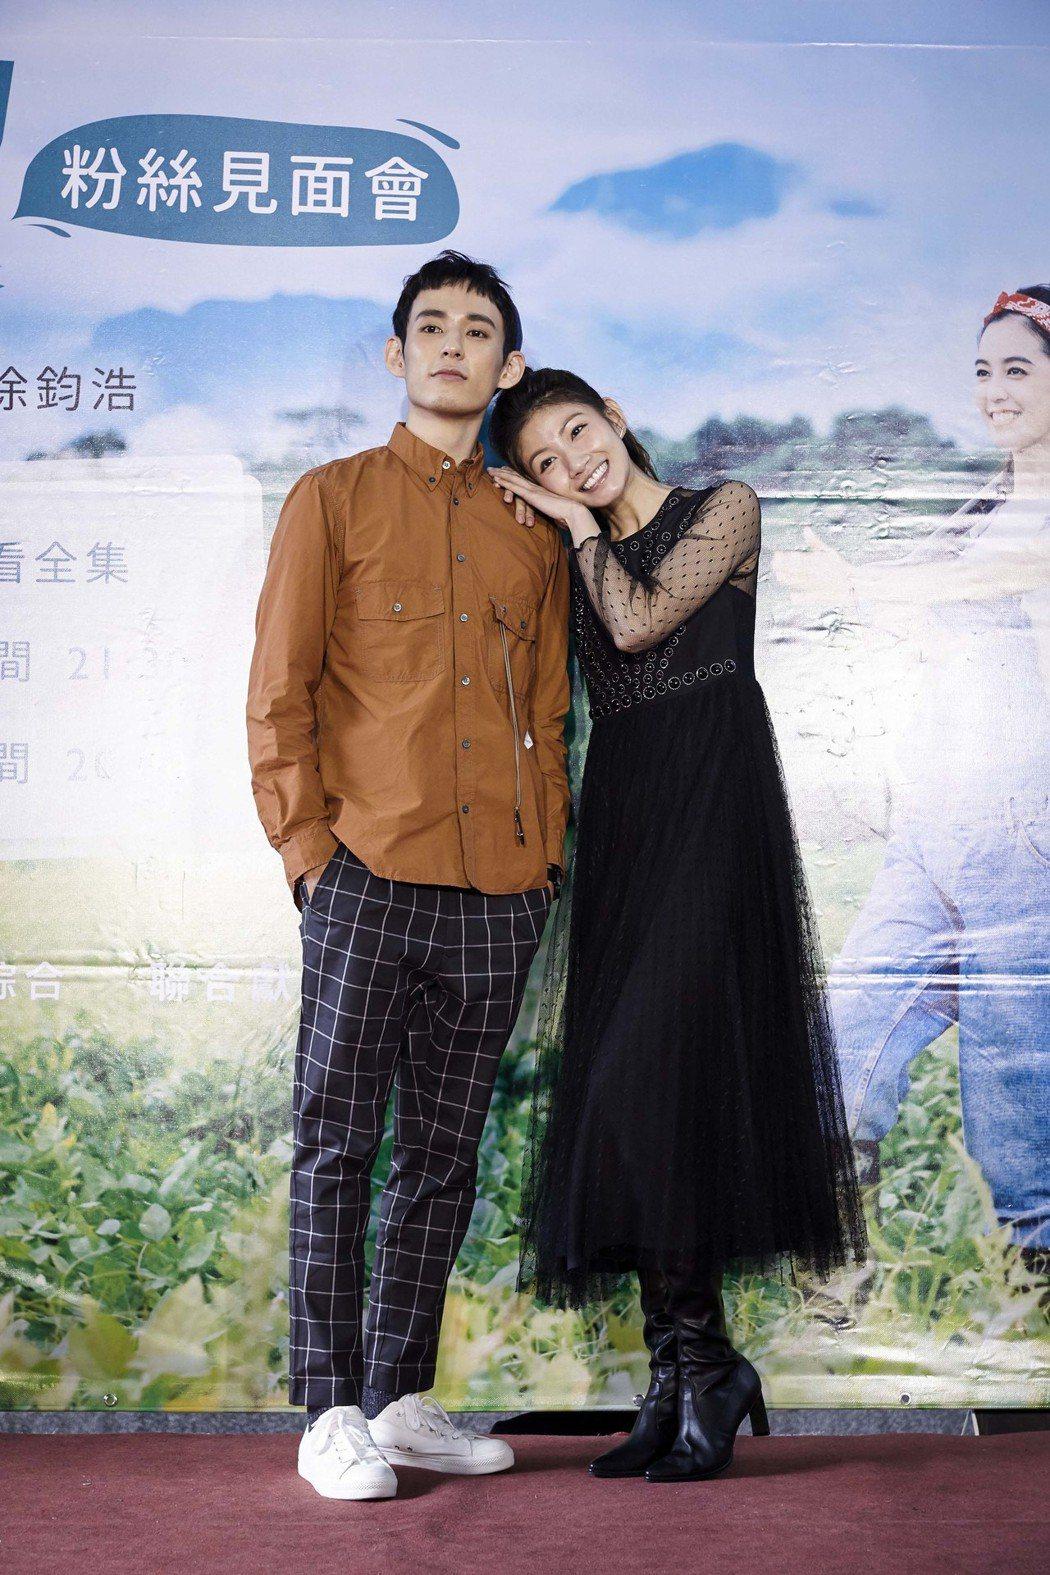 徐鈞浩(左)與李千那劇中有感情糾葛。圖/歐銻銻娛樂提供